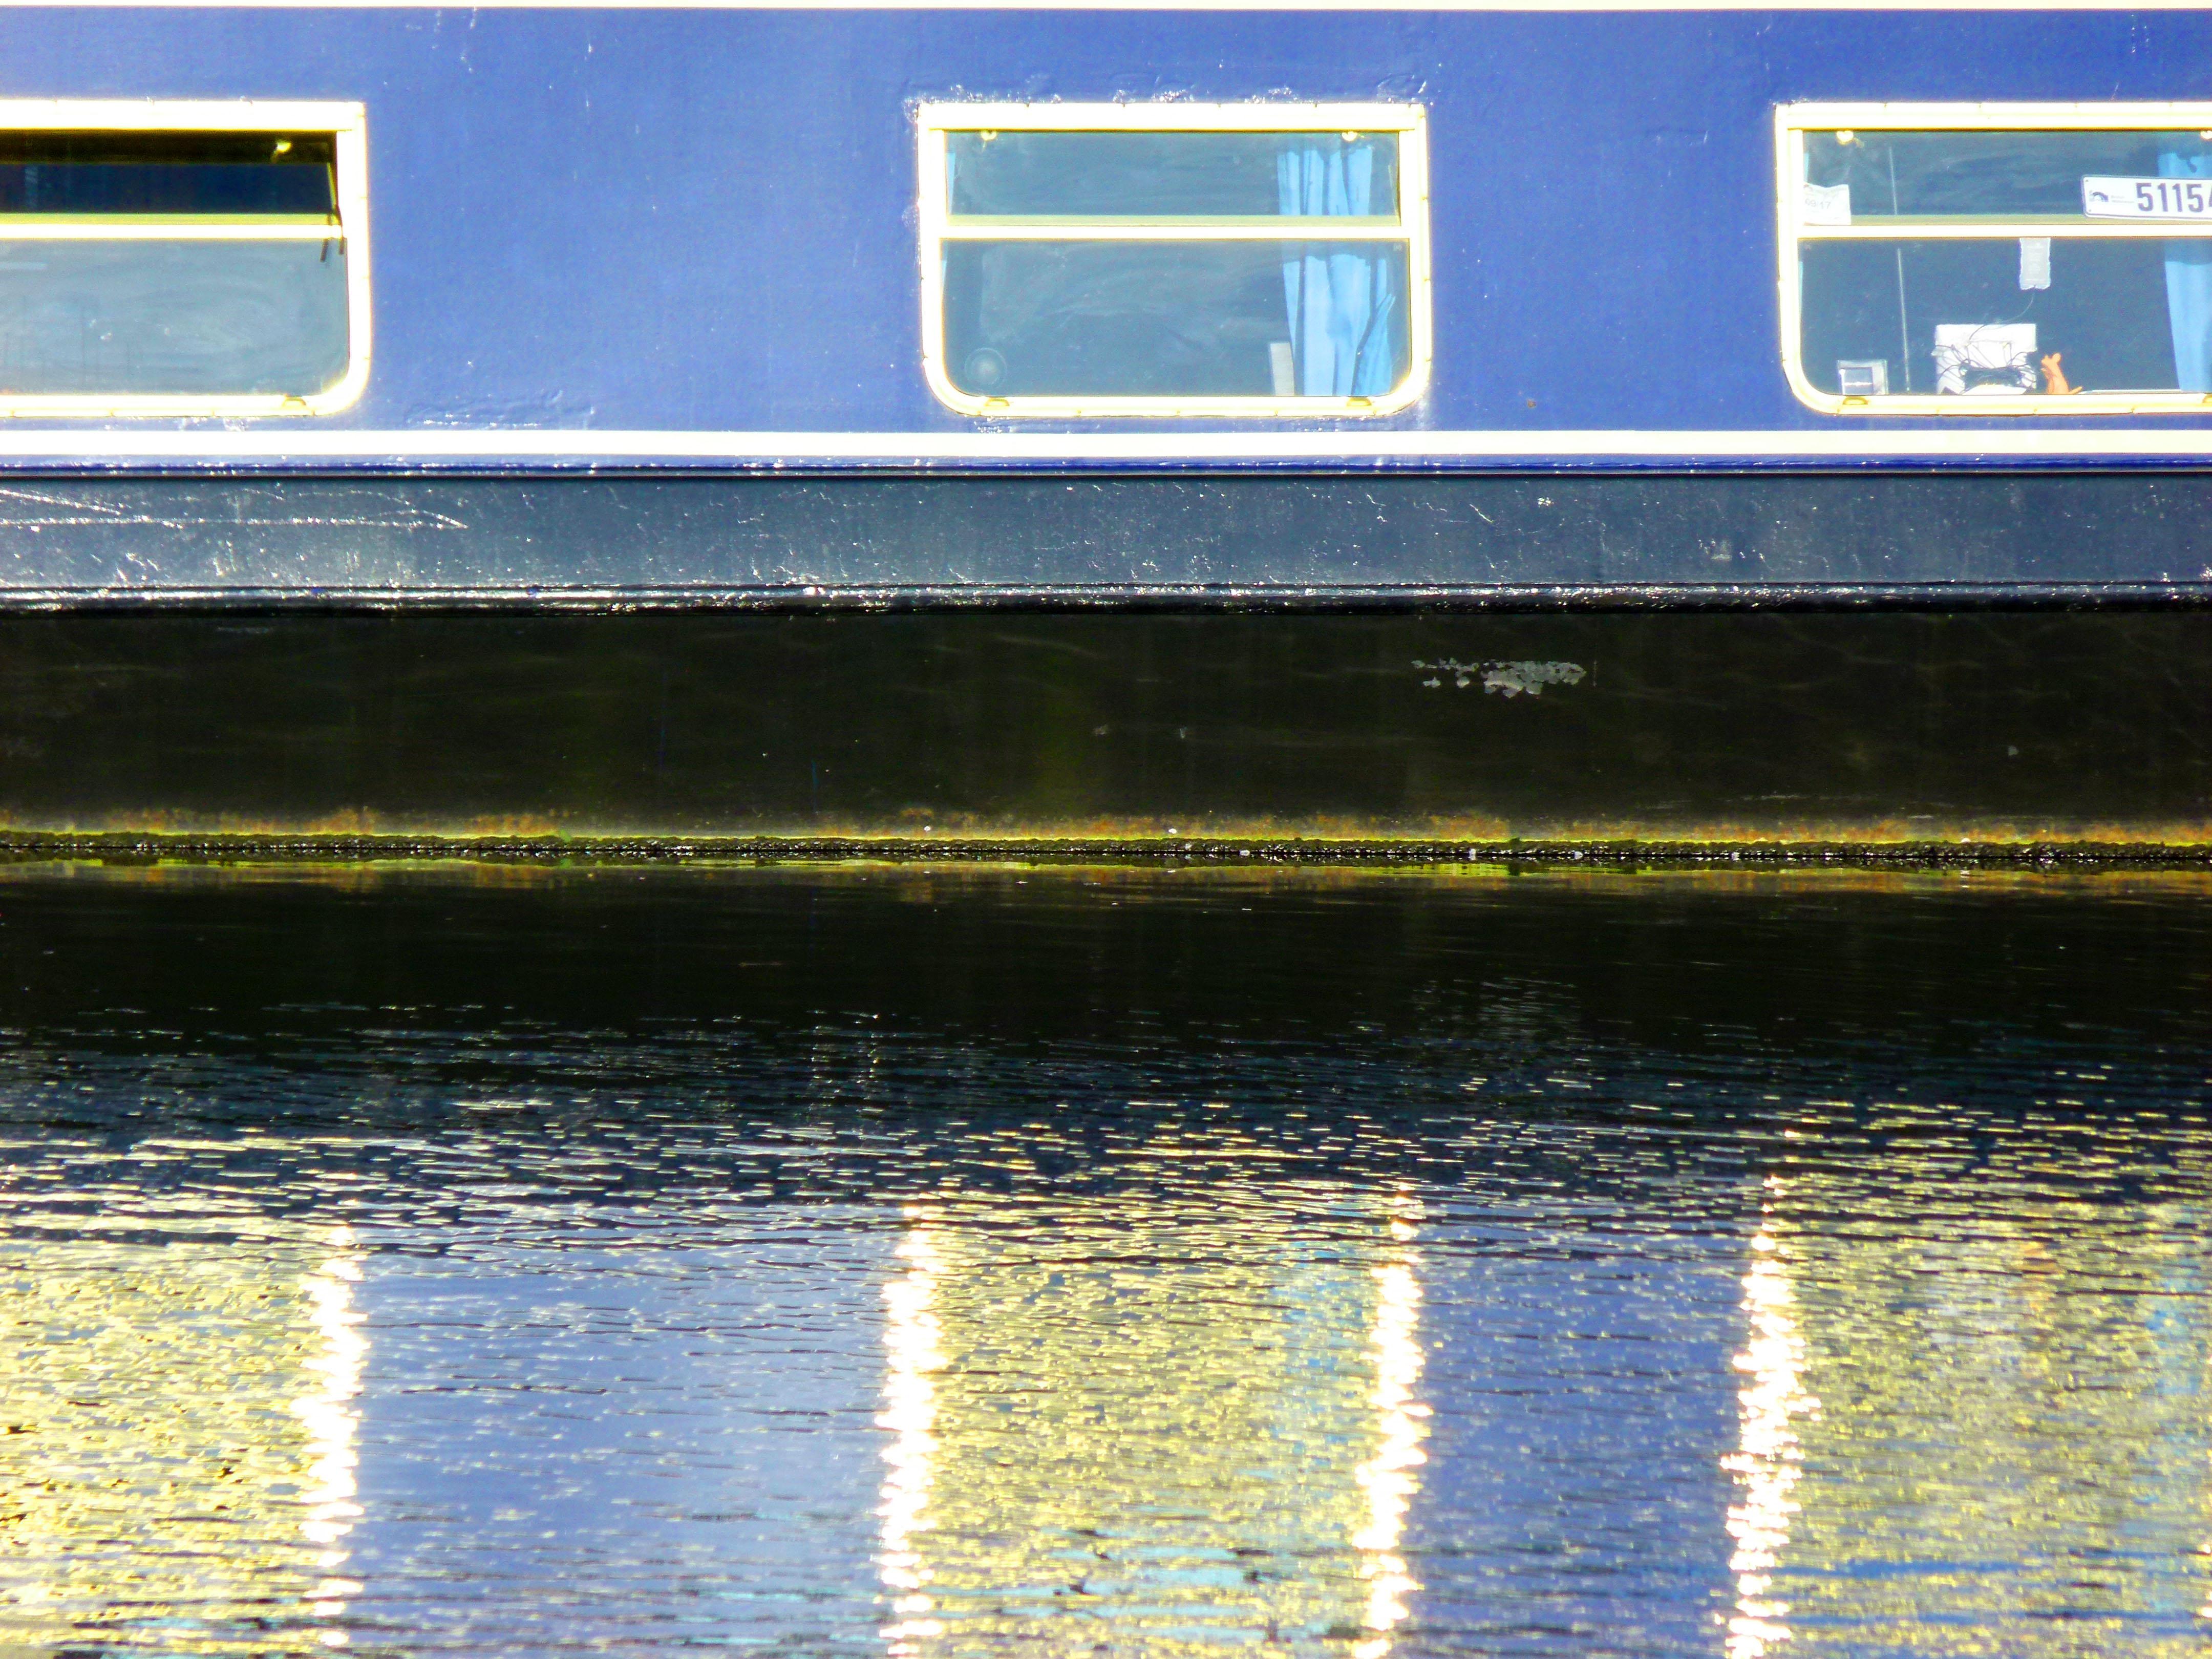 Docklands barge